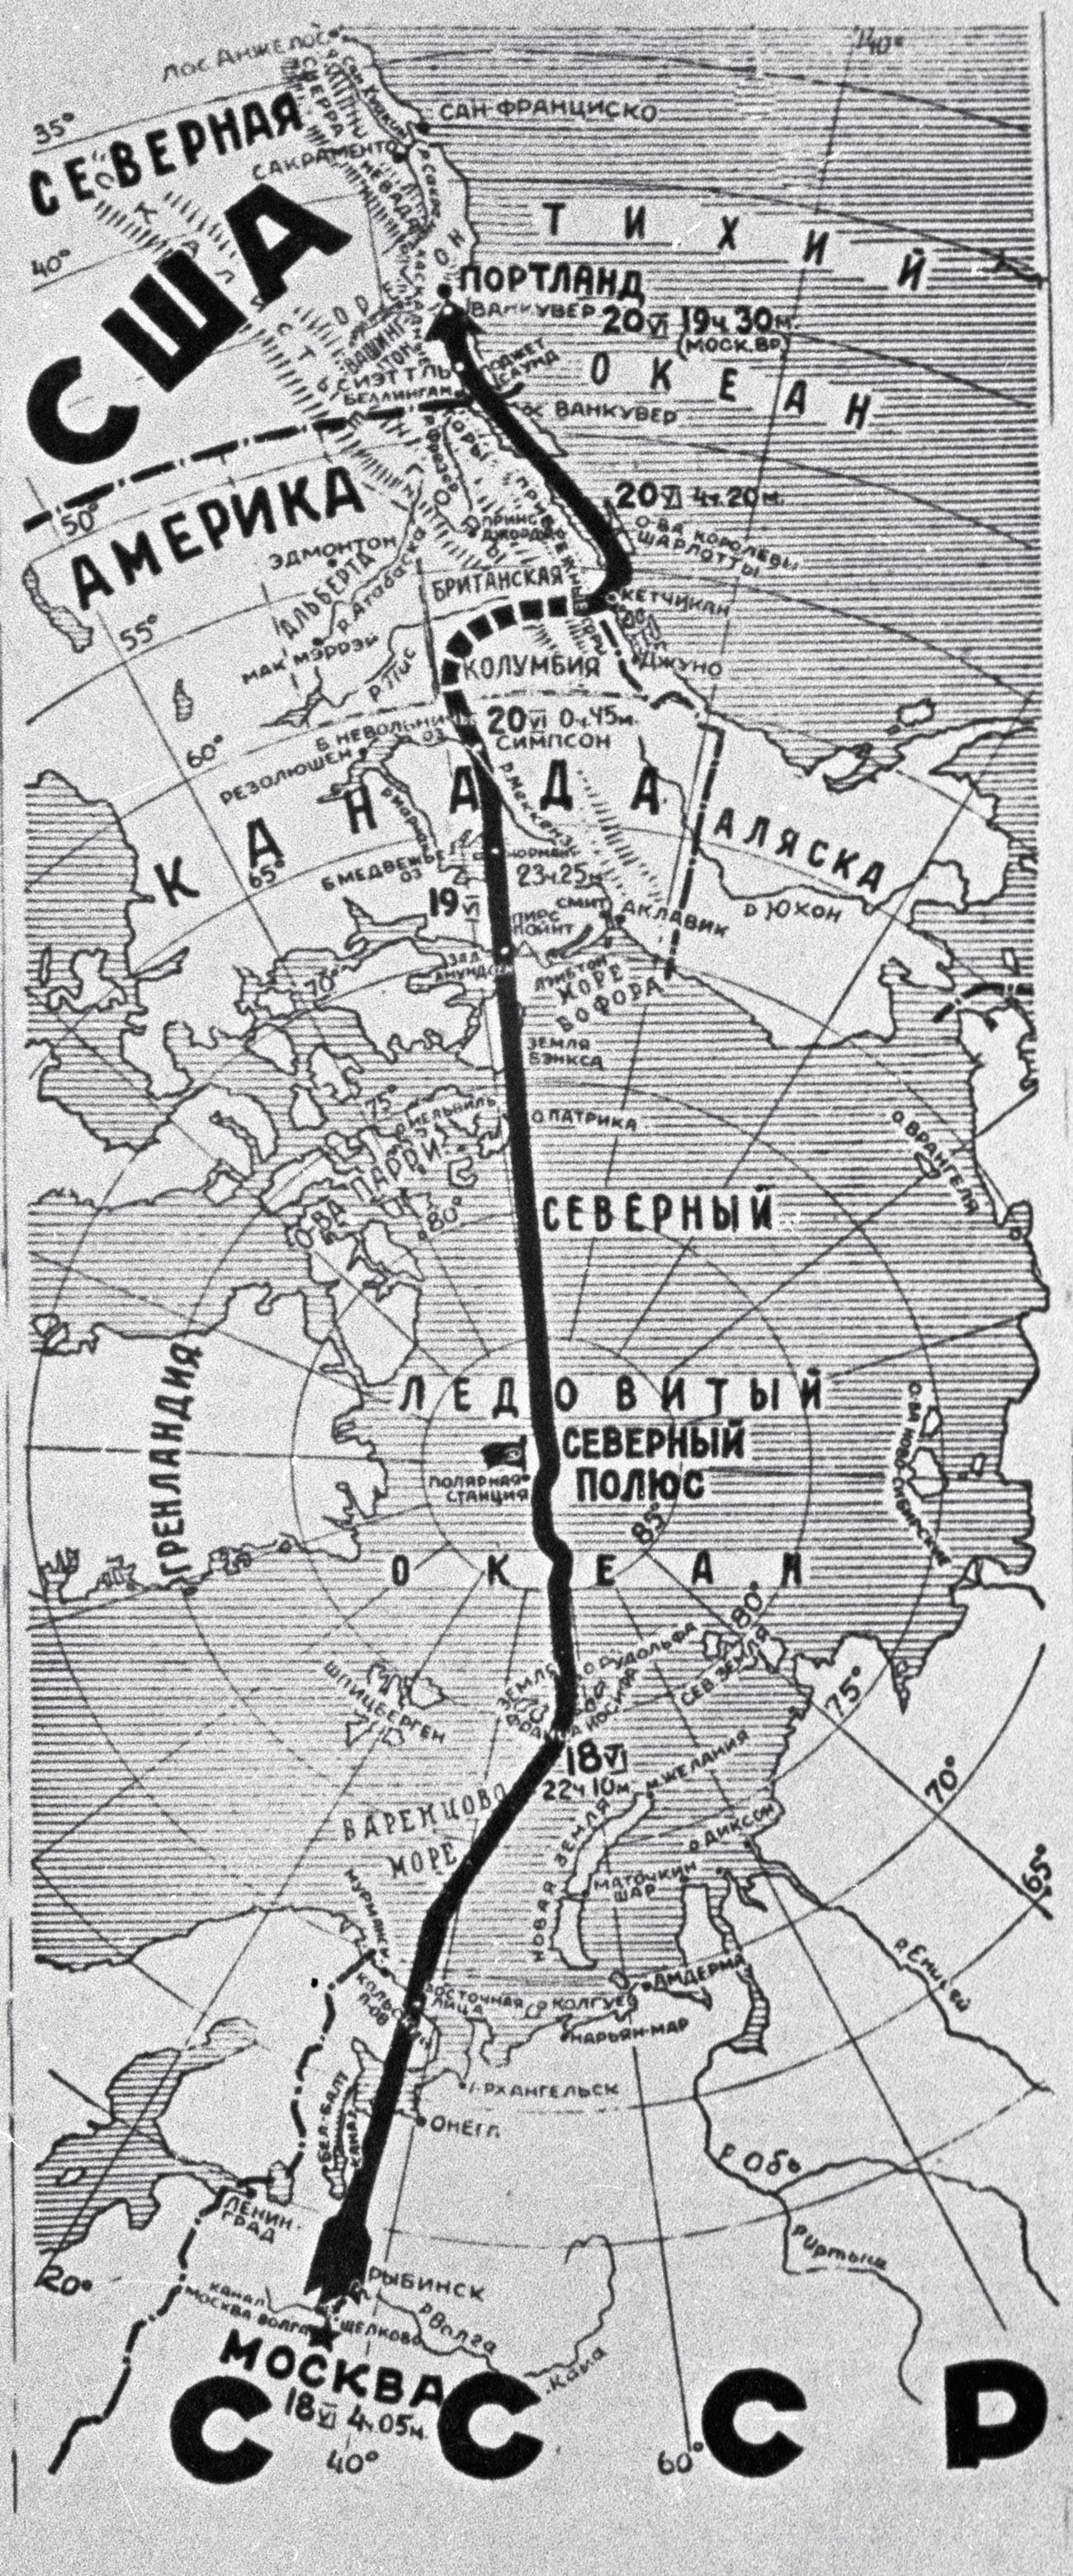 Zemljevid poleta sovjetskih pilotov Čkalova, Bajdukova in Beljakova iz Moskve v Severno Ameriko preko Severnega tečaja